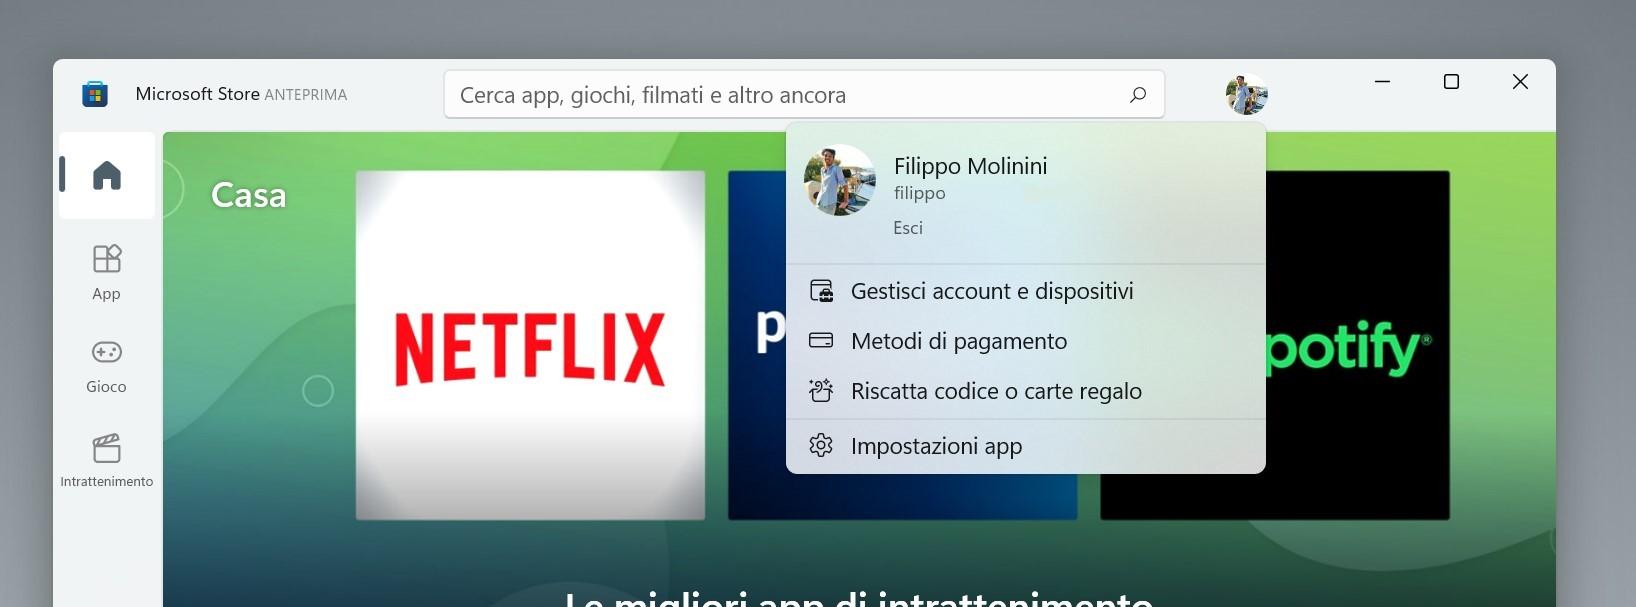 Microsoft Store di Windows 11 - Correzione immagine profilo dell'Account Microsoft